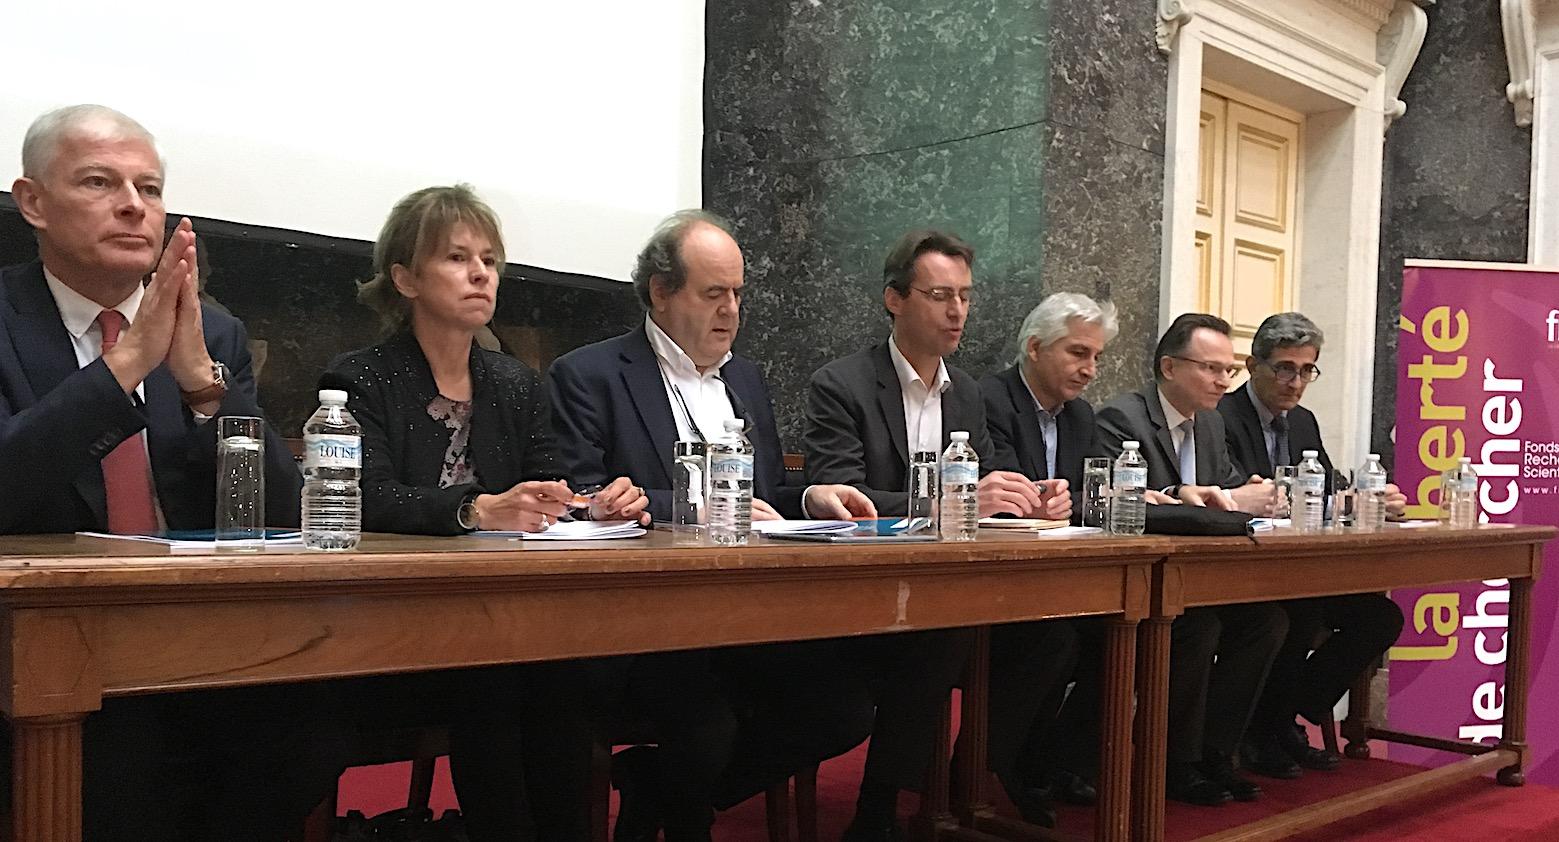 Les six recteurs francophones belges et la Secrétaire générale du F.R.S.-FNRS présentent leurs visions pour l'avenir.